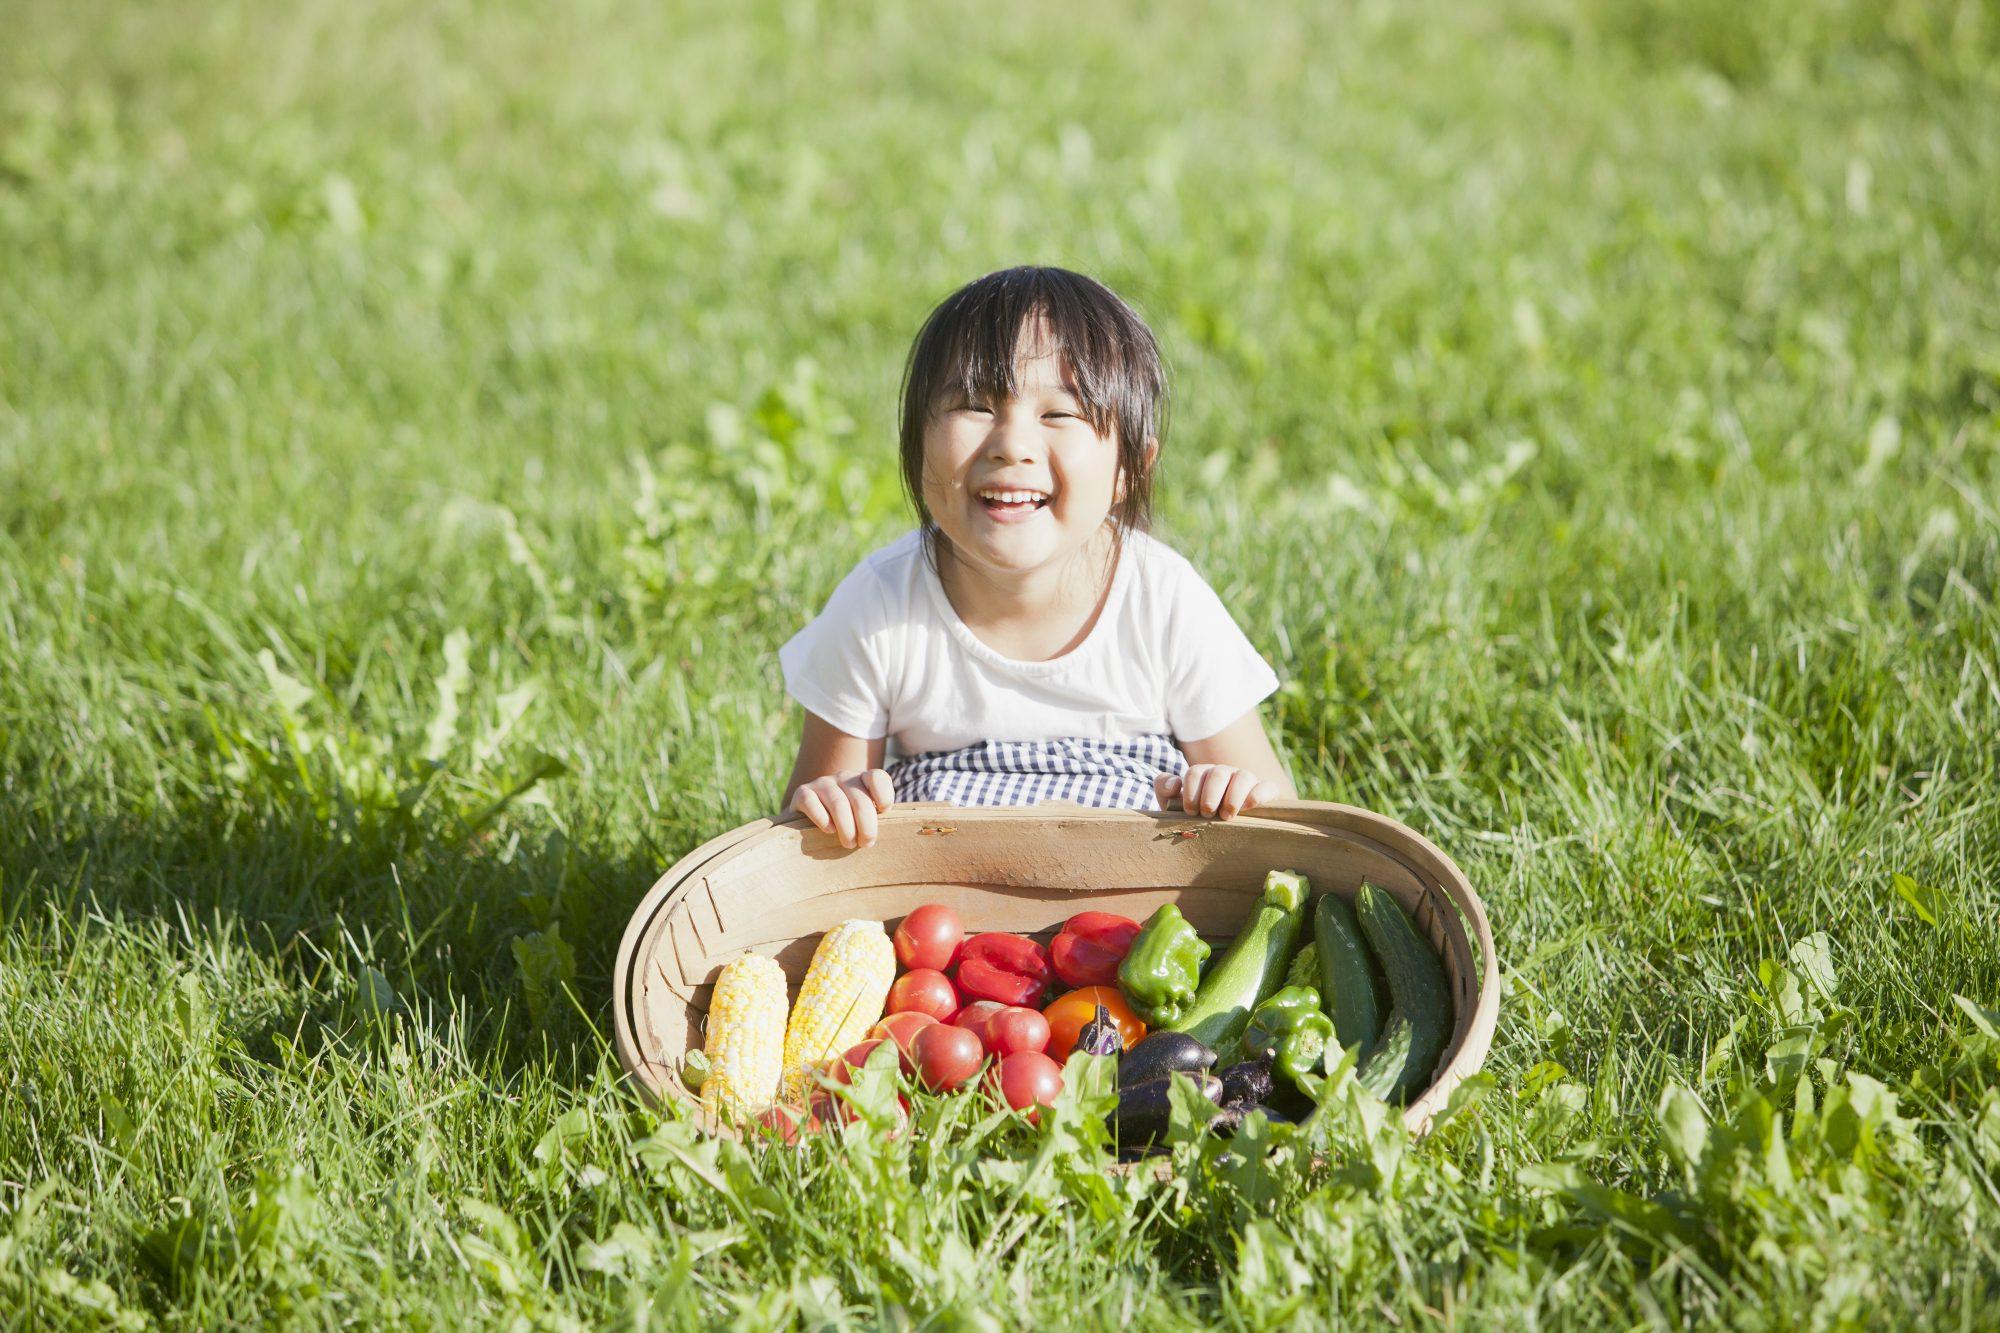 ちょっとでも食べてほしいのに…子どもの野菜ギライを治すには?